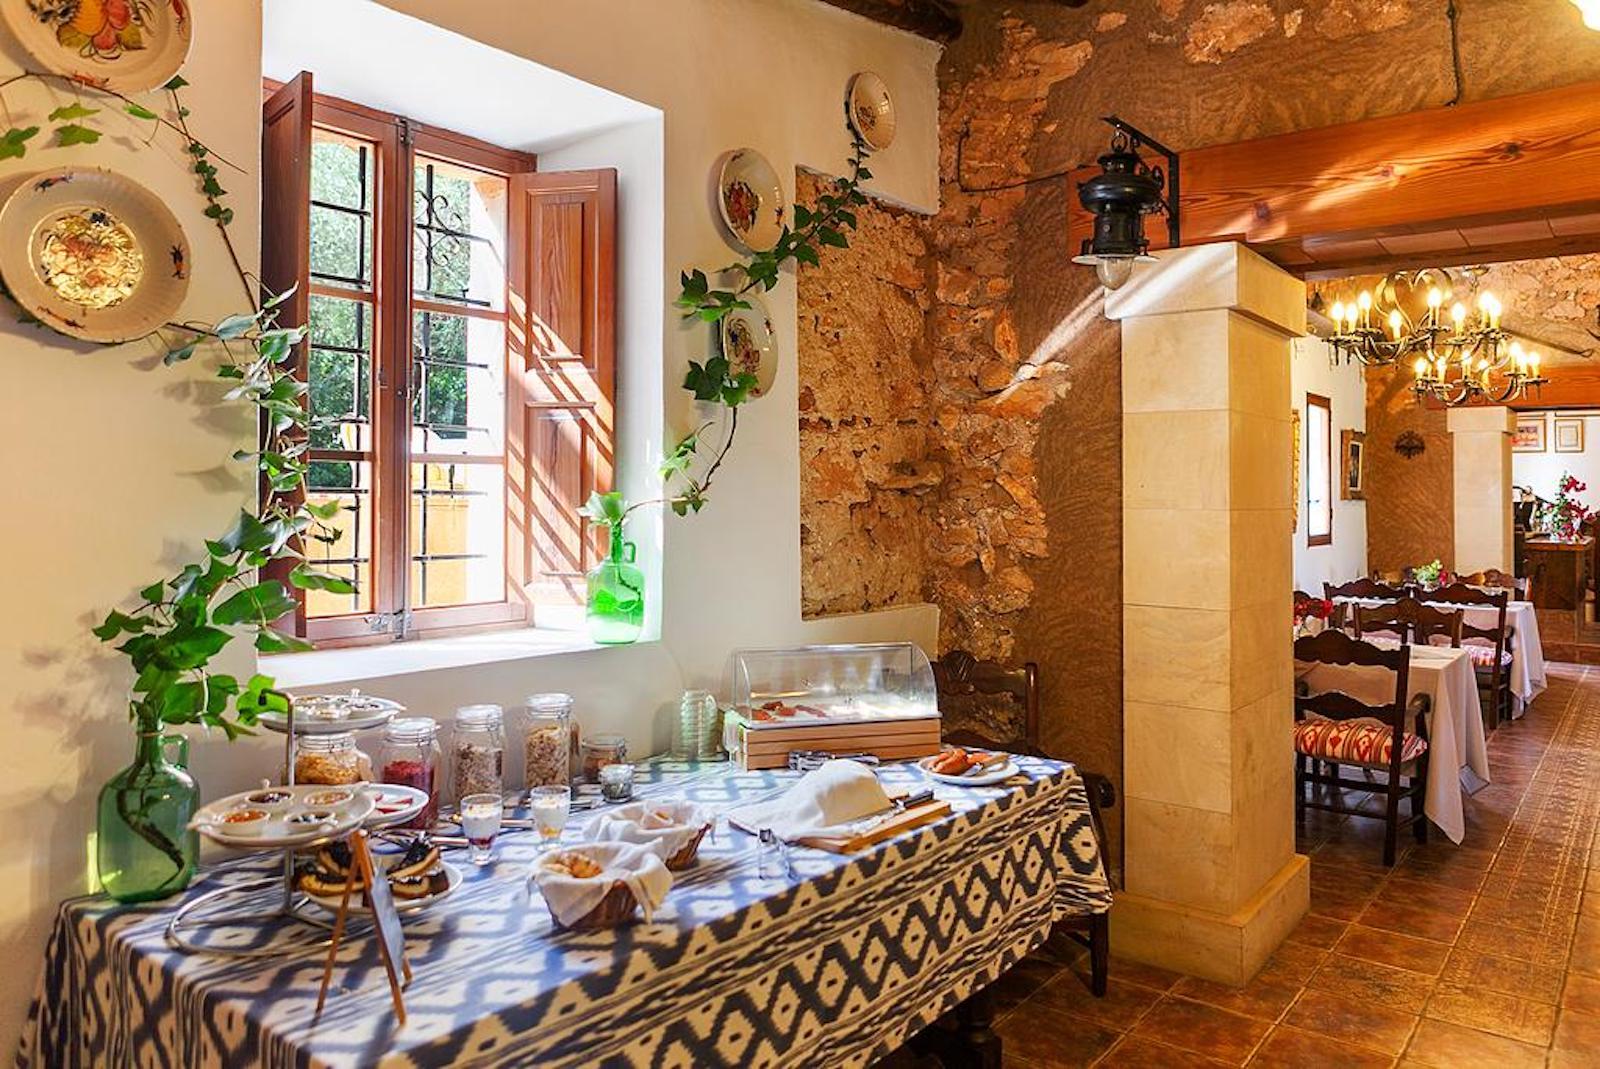 ISLA-Travel-Finca-Hotel-Mallorca-Frühstücksbuffet